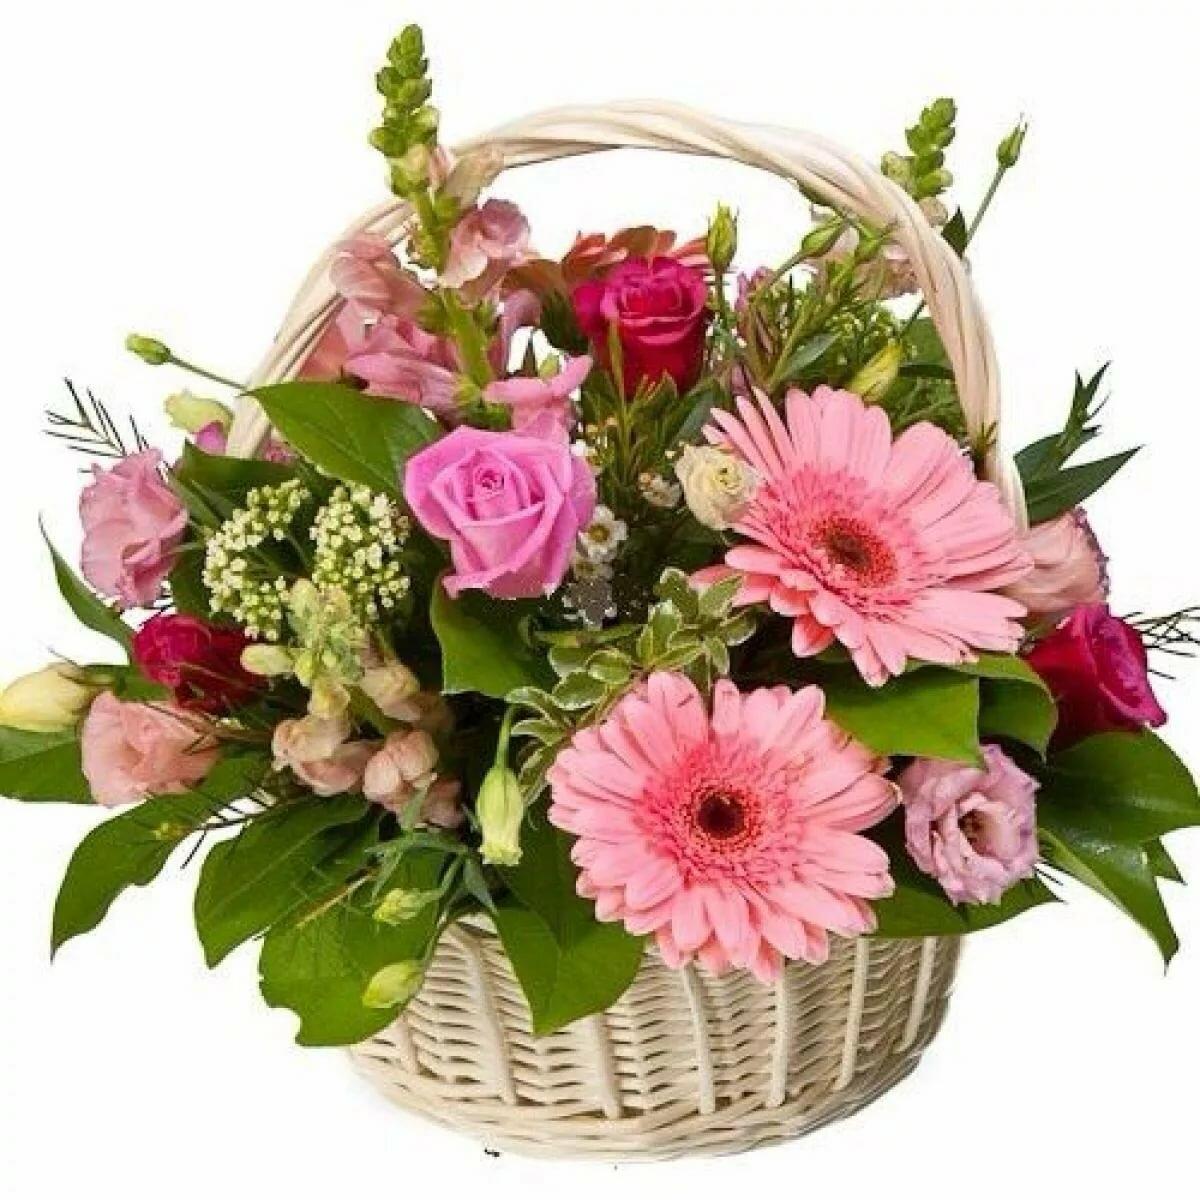 открытки с цветами в корзине и хорошими украшено крупными колоколообразными